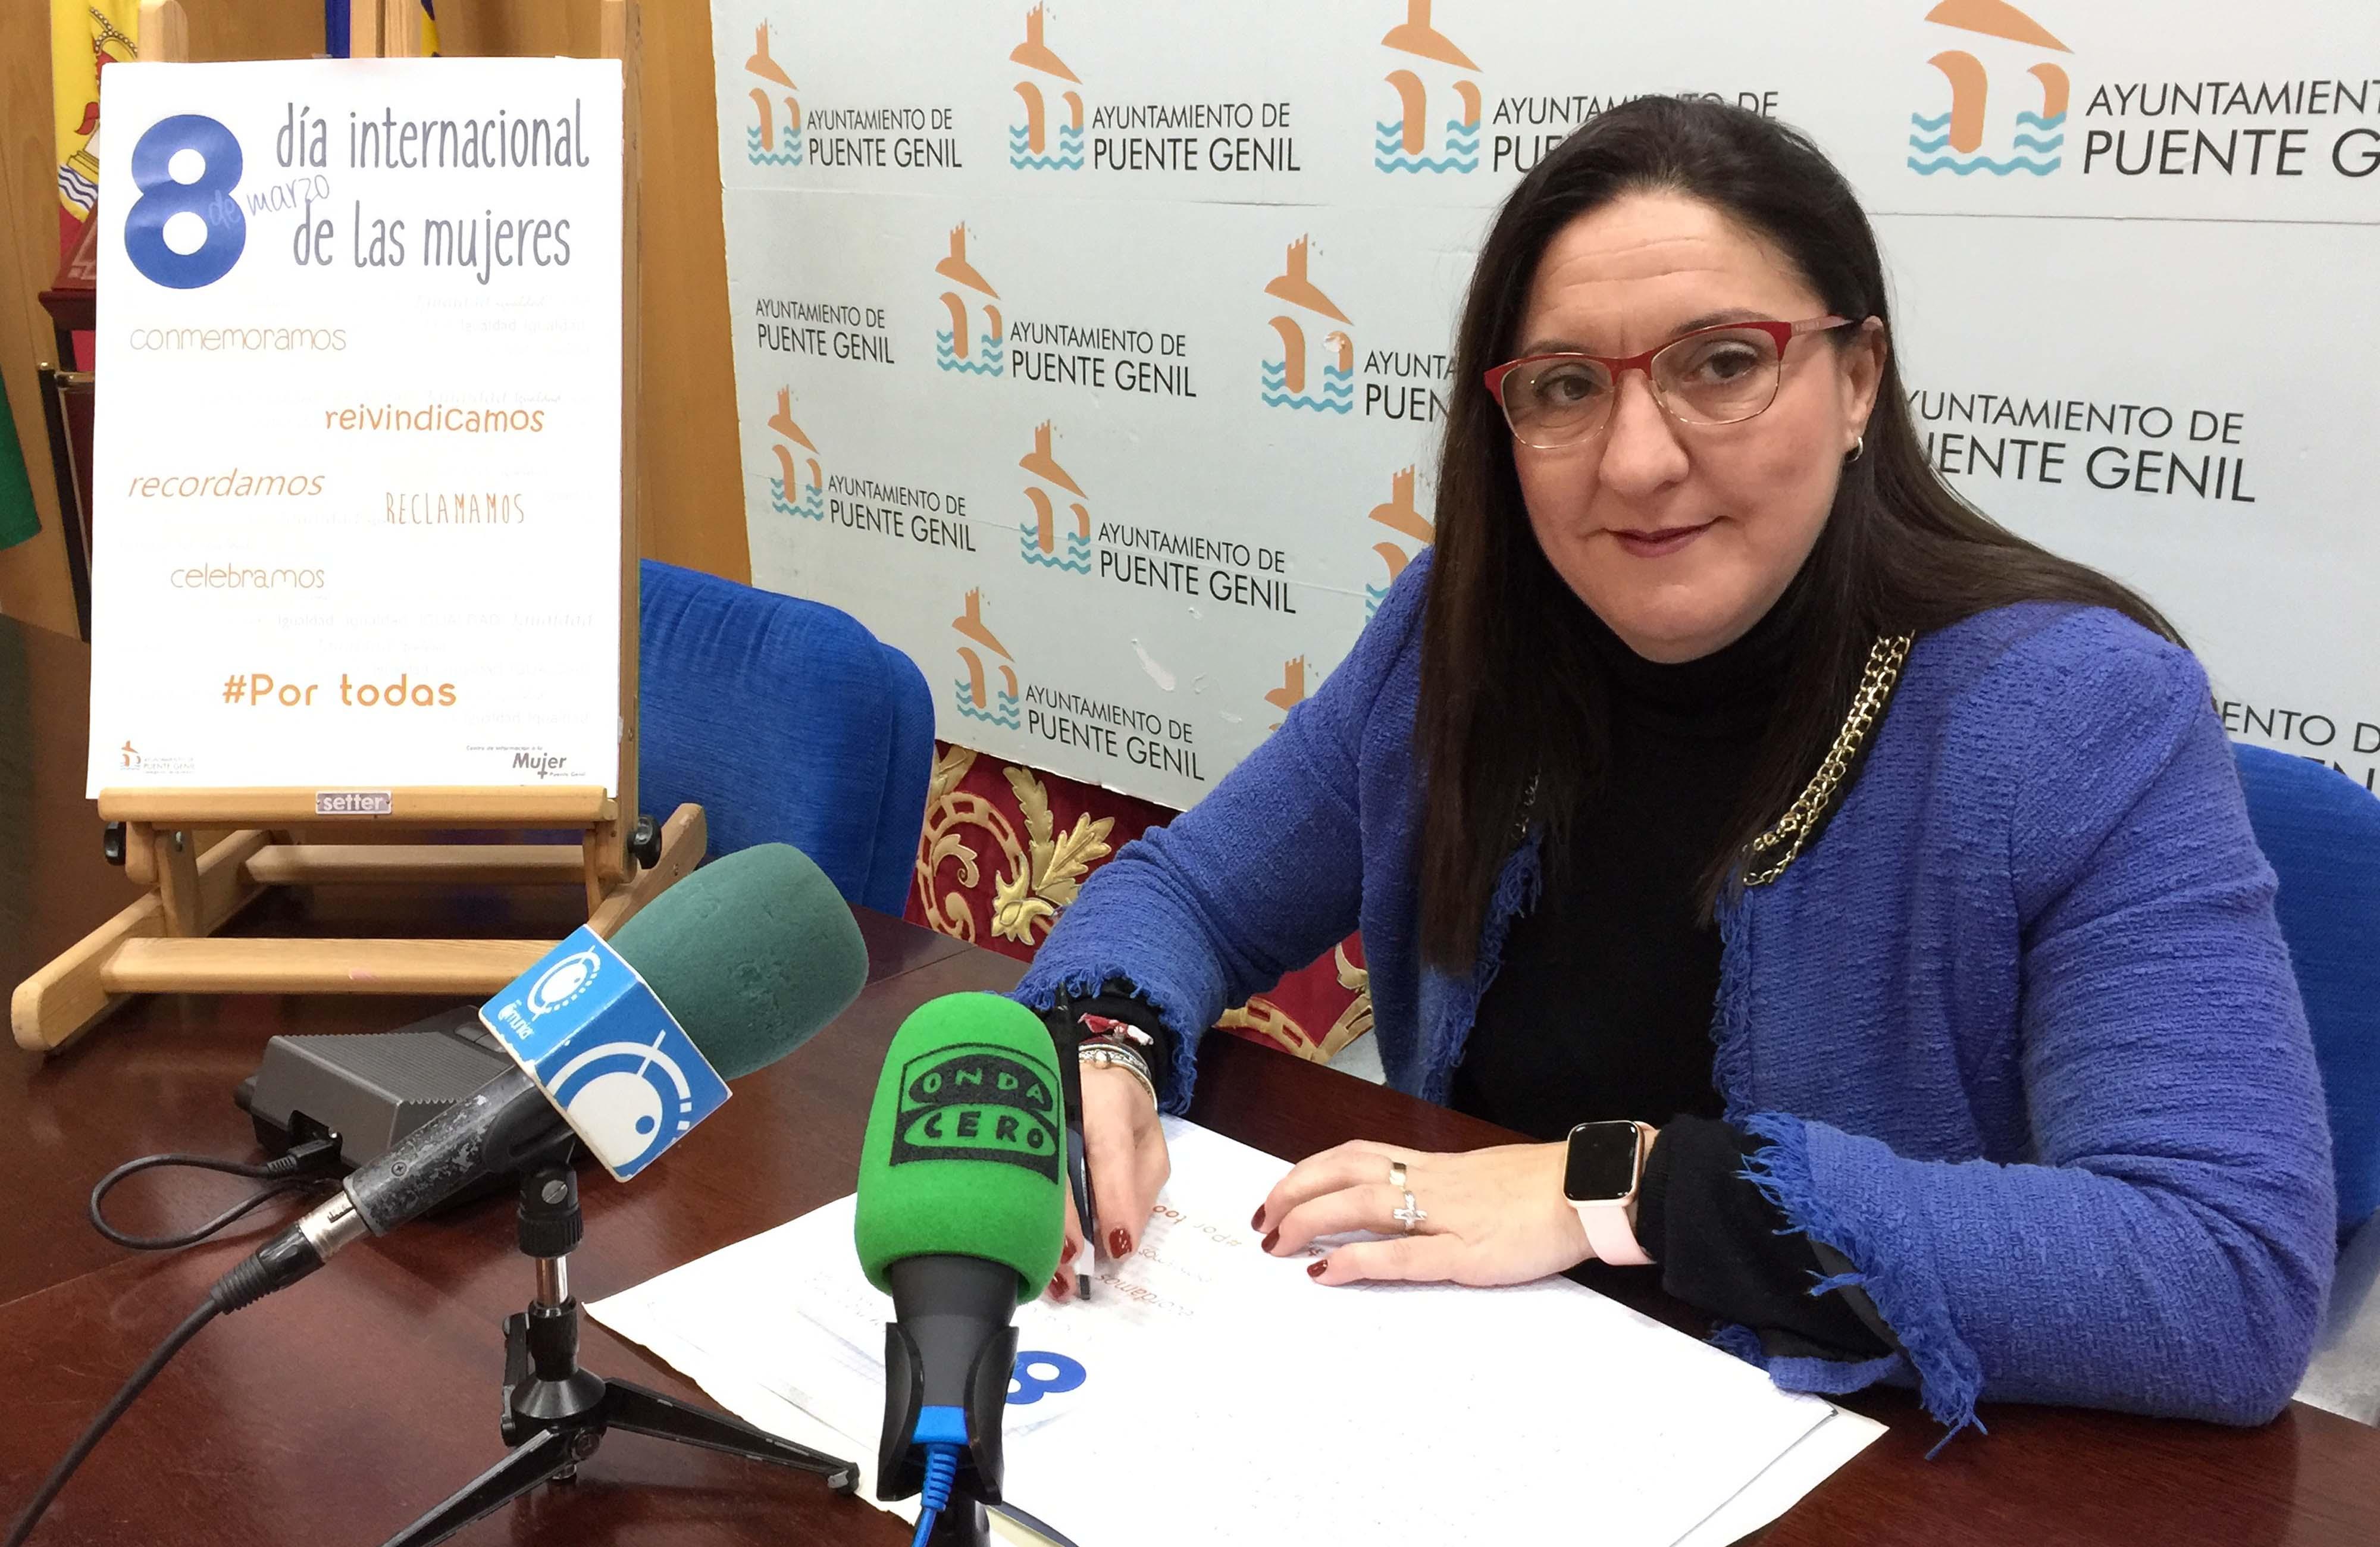 Mariola González